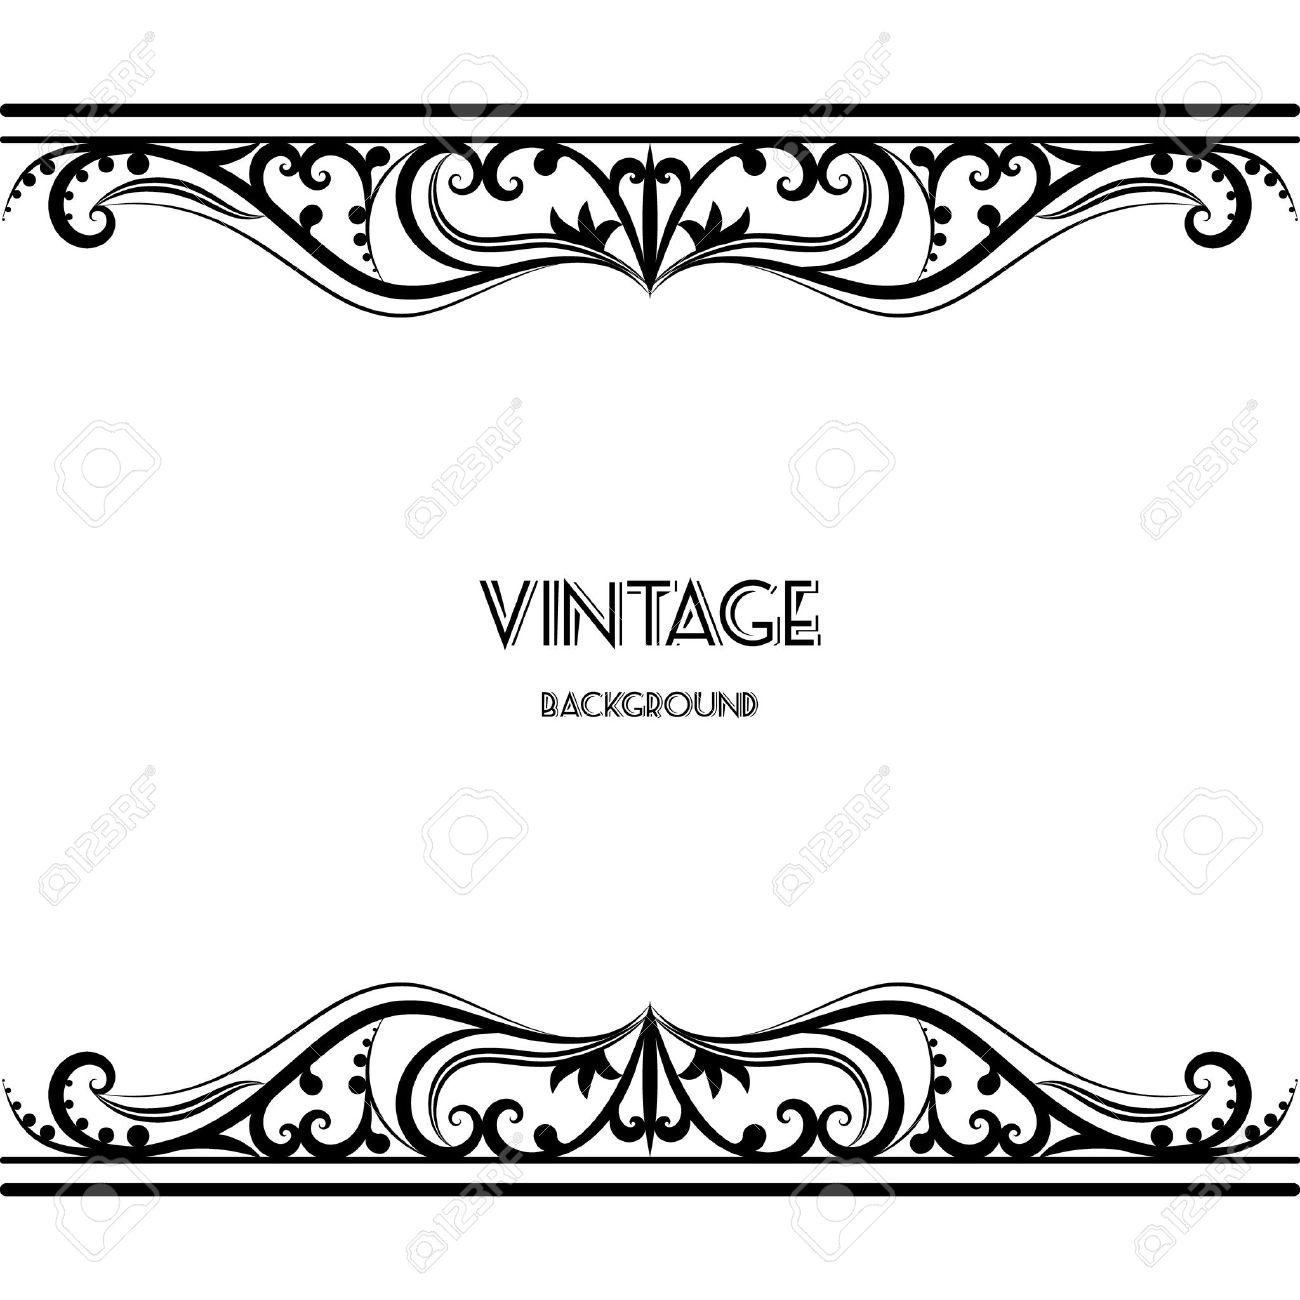 Vintage Background Frame Design Black Vector Retro Royalty Free